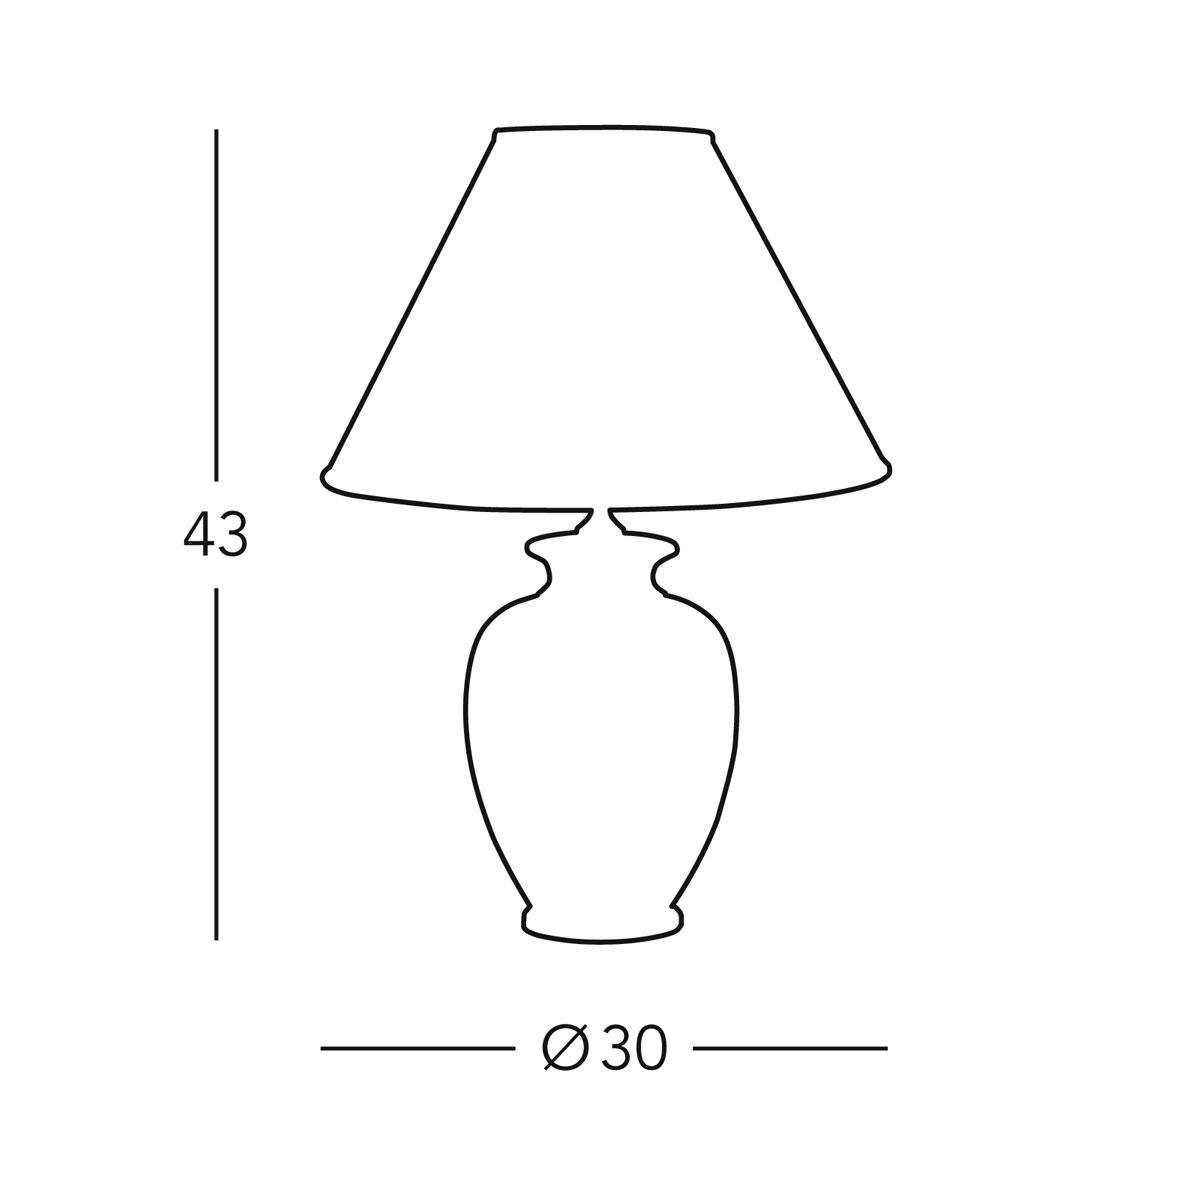 Austrolux 0014.73.3 Tischleuchte, Keramik, 100 watts, E27, DM DM DM 30 cm, Höhe 43 cm c6c11e